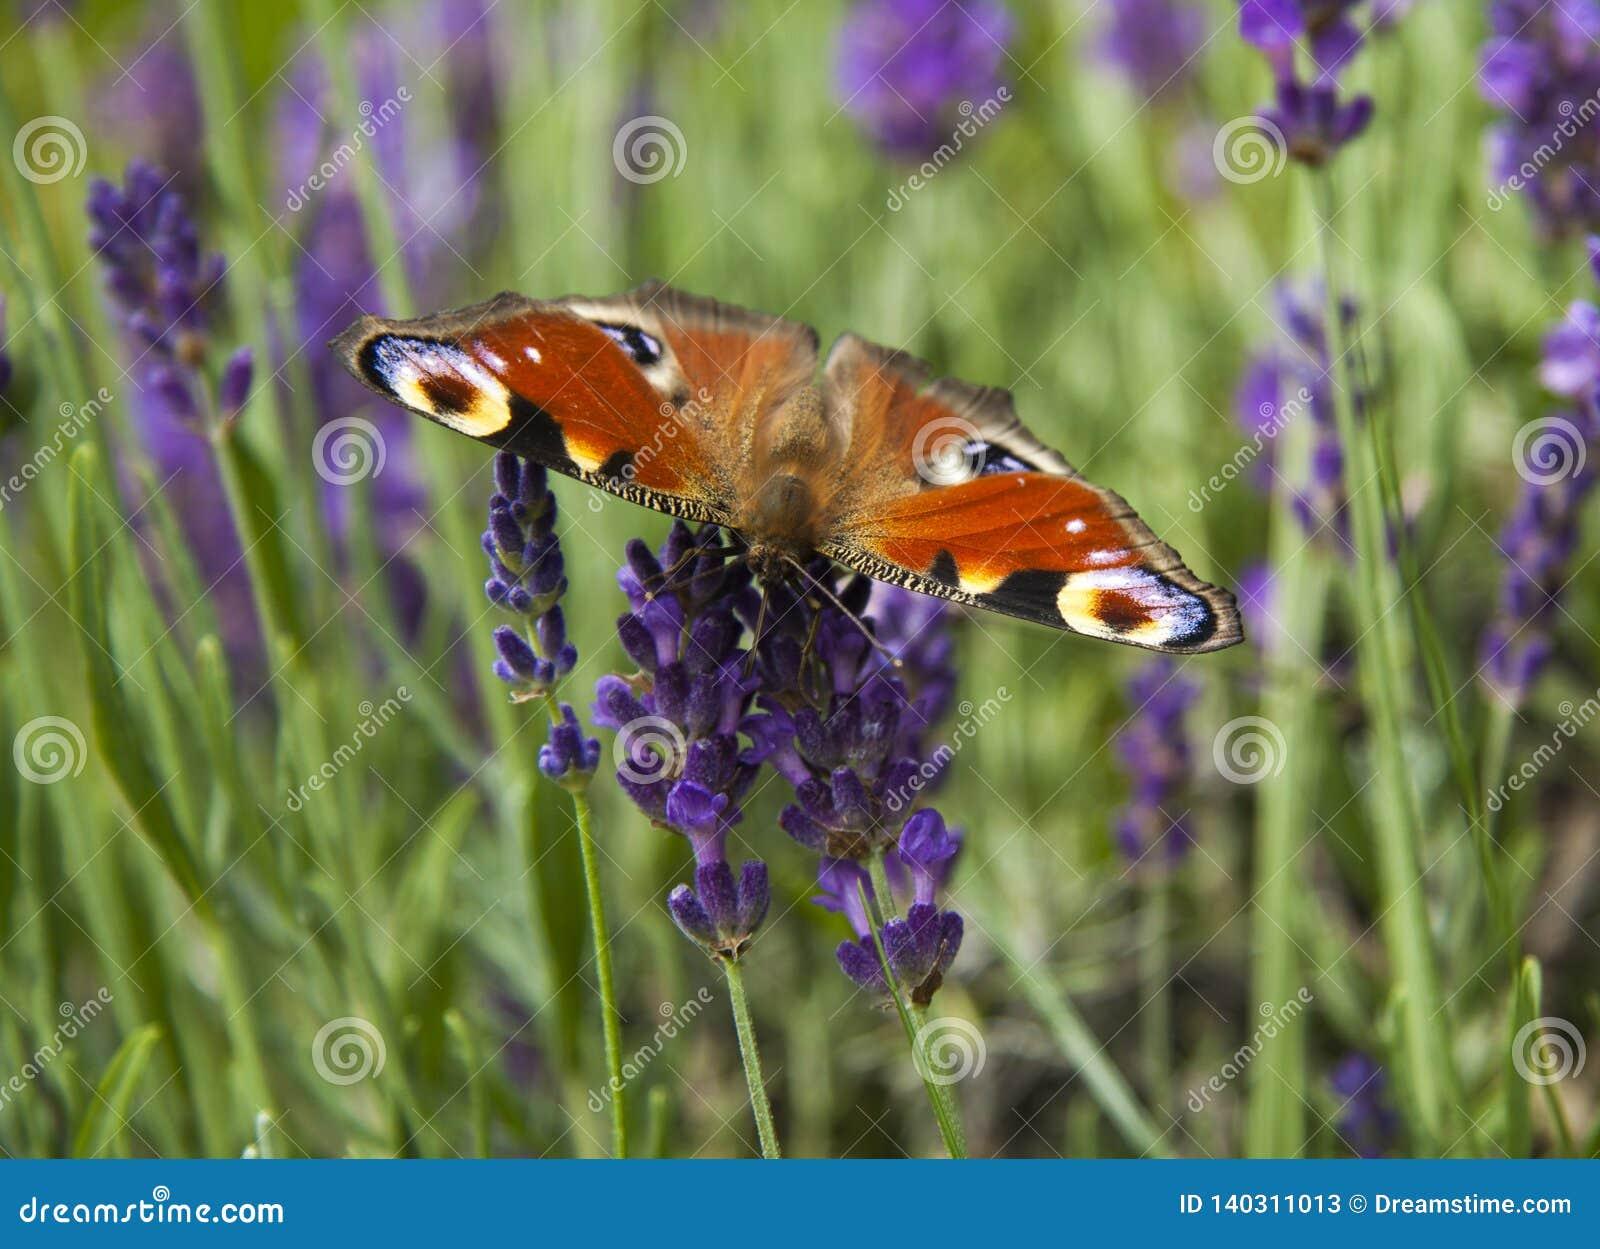 Ojo brillante del pavo real de la mariposa del verano en las flores púrpuras delicadas de la lavanda